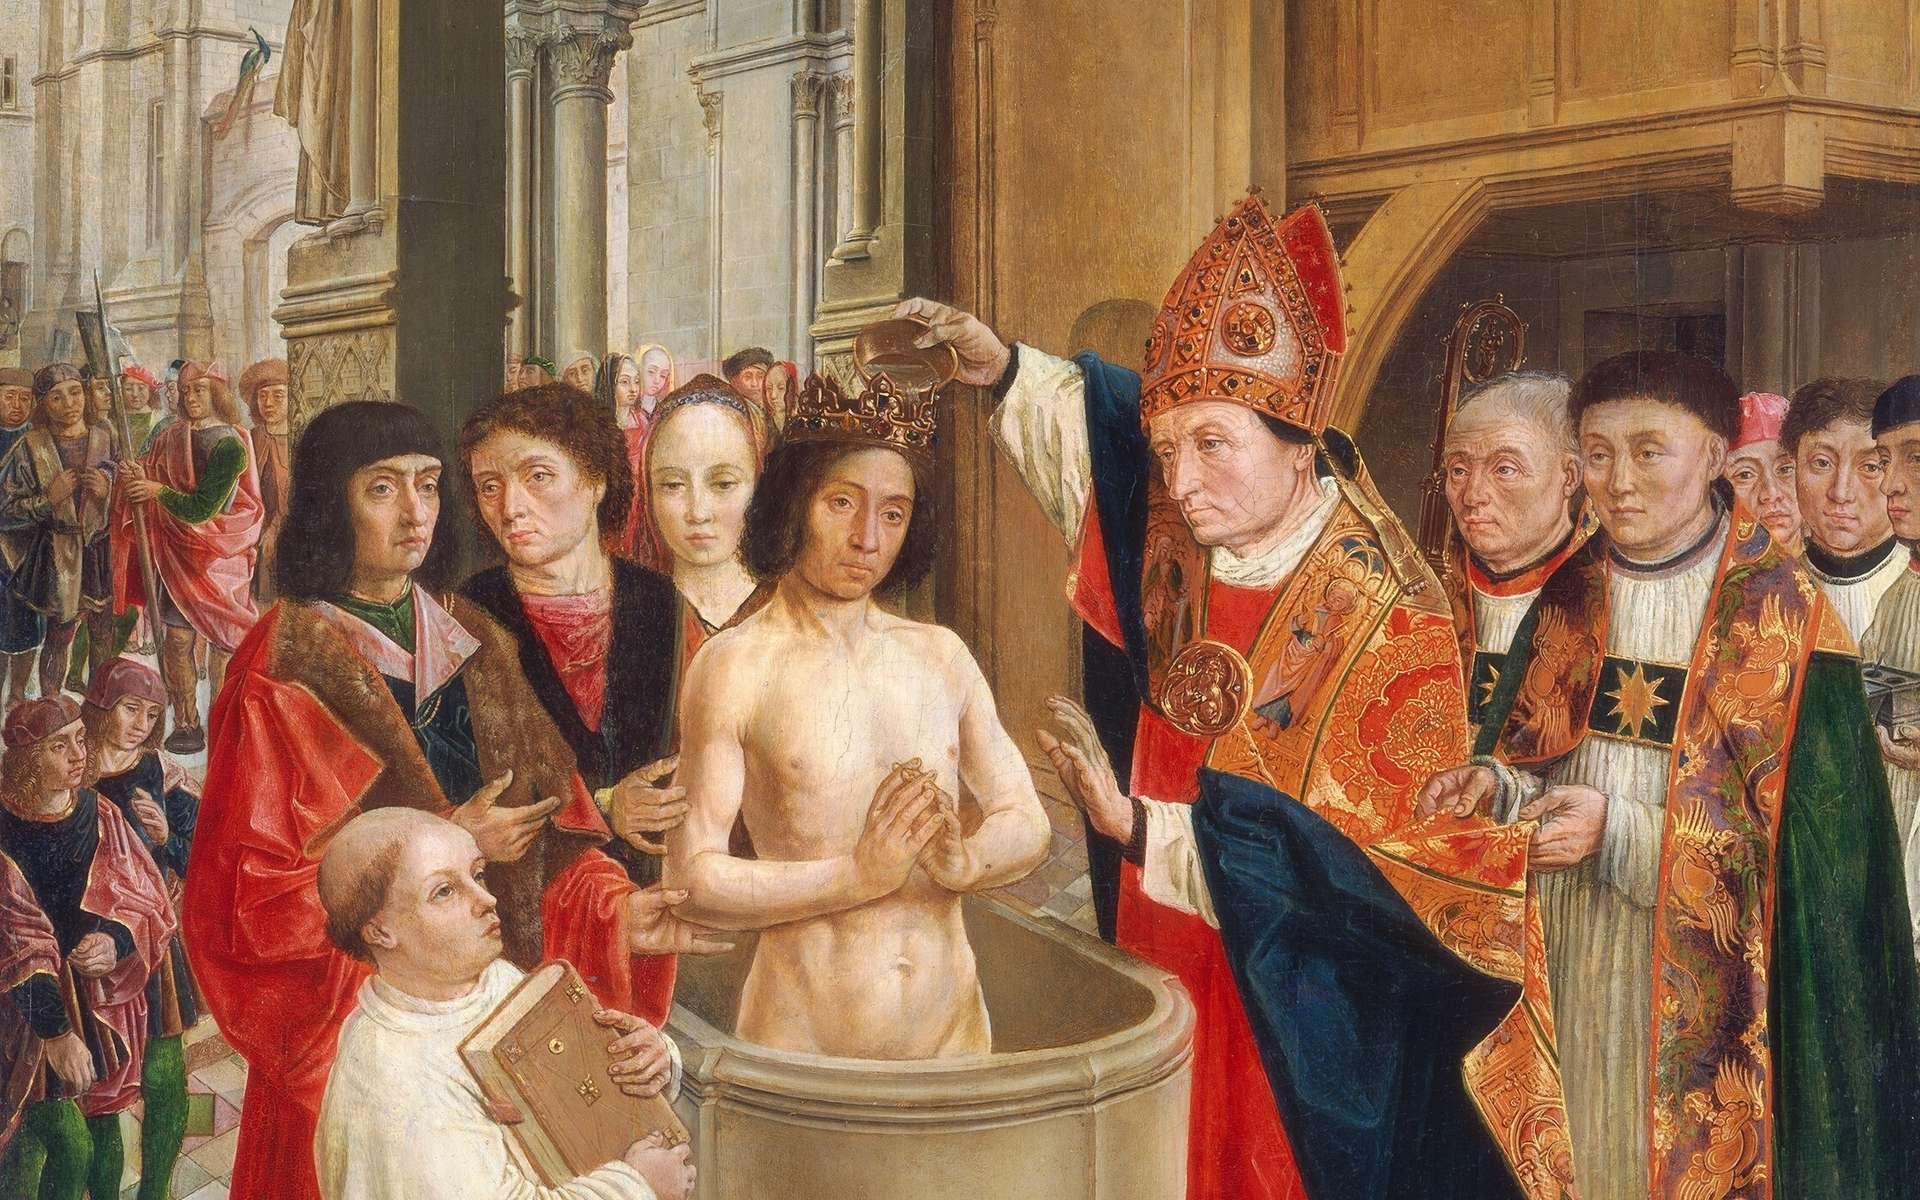 Clovis baptisé par l'évêque Saint Remi de Reims. Tableau des Maîtres de Saint-Gilles, vers 1500. © National Gallery of Art, Washington